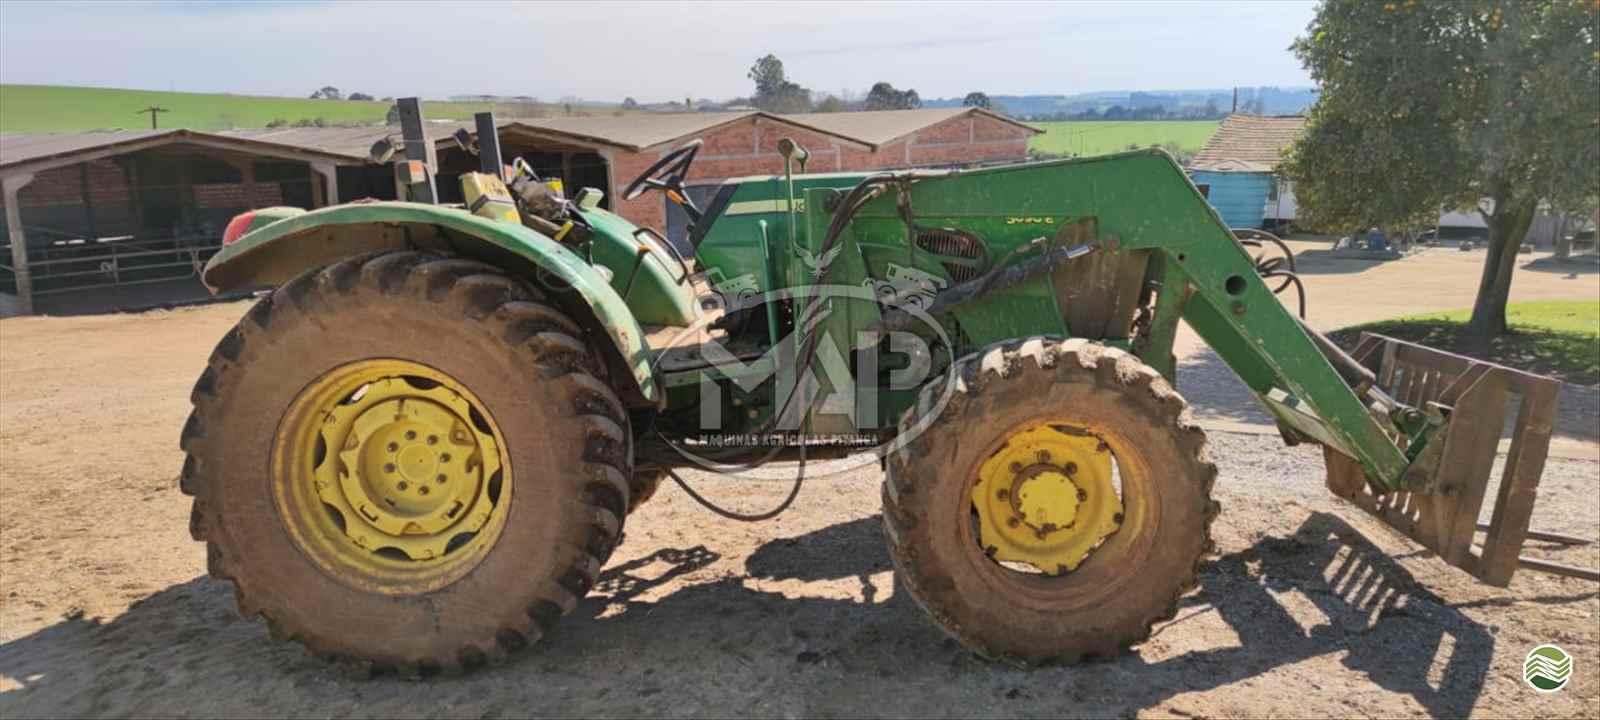 JOHN DEERE 5090 de Máquinas Agrícolas Pitanga - PITANGA/PR